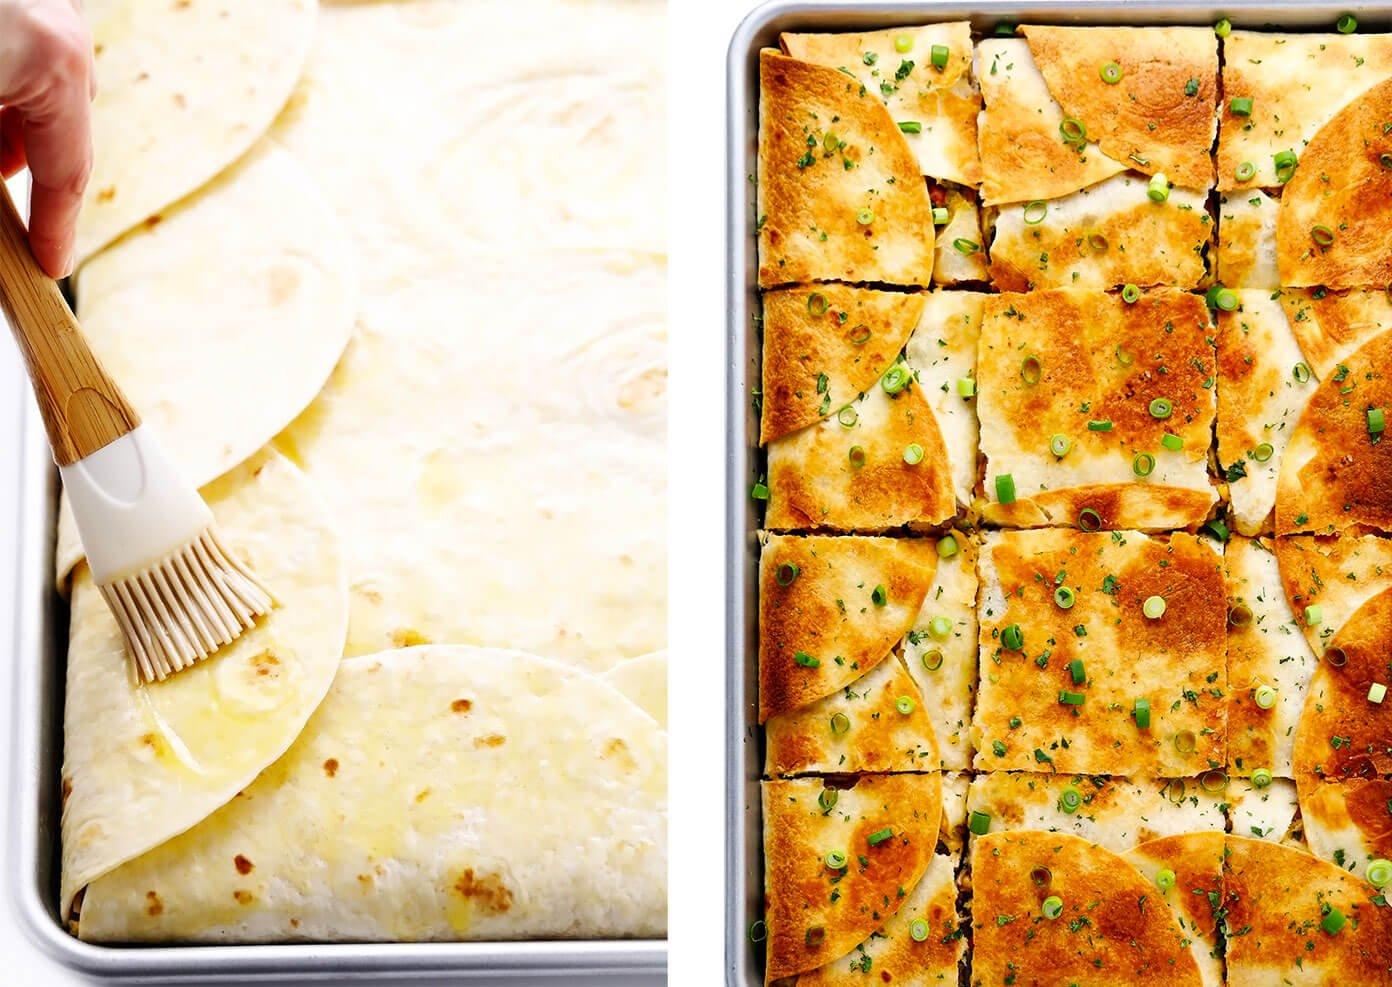 Brushing Sheet Pan Quesadilla with Butter